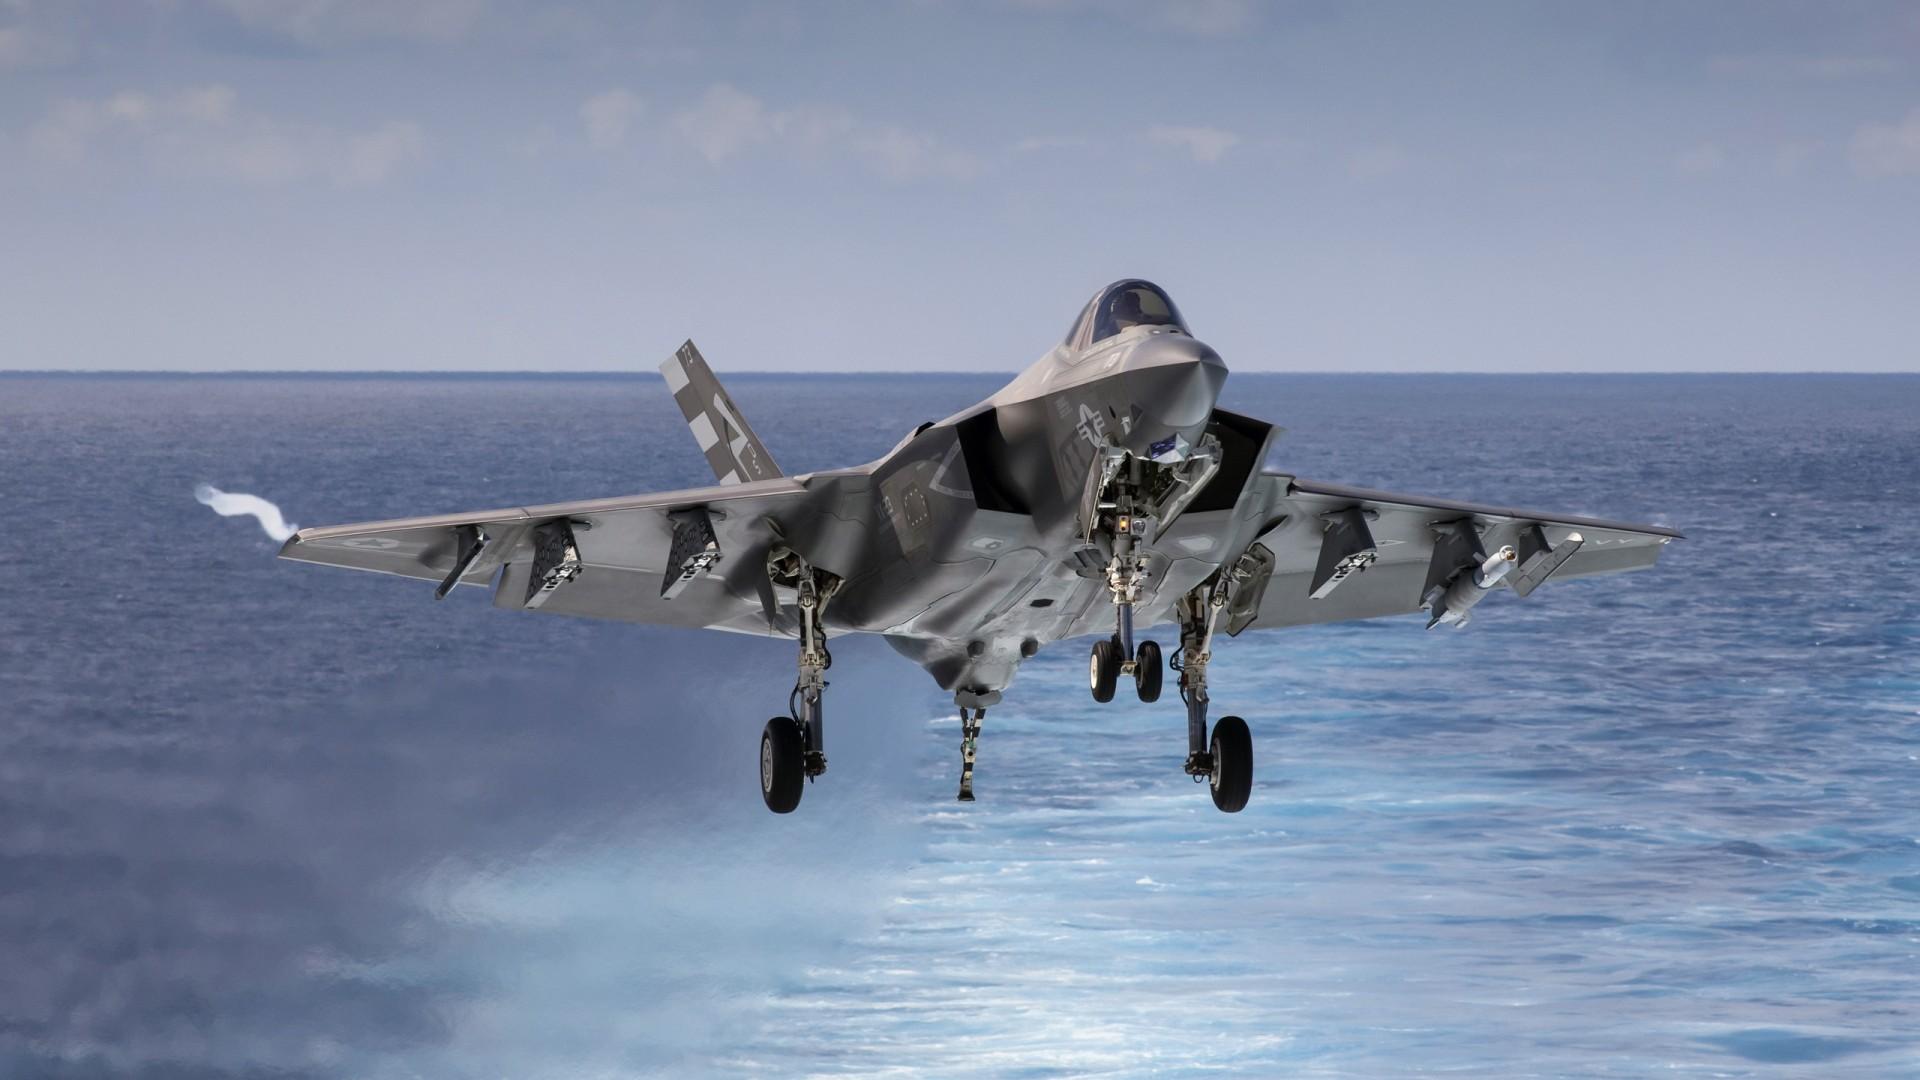 3d Wallpaper Lockheed Martin F 35 Lightning Ii Fighter Wallpapers Hd